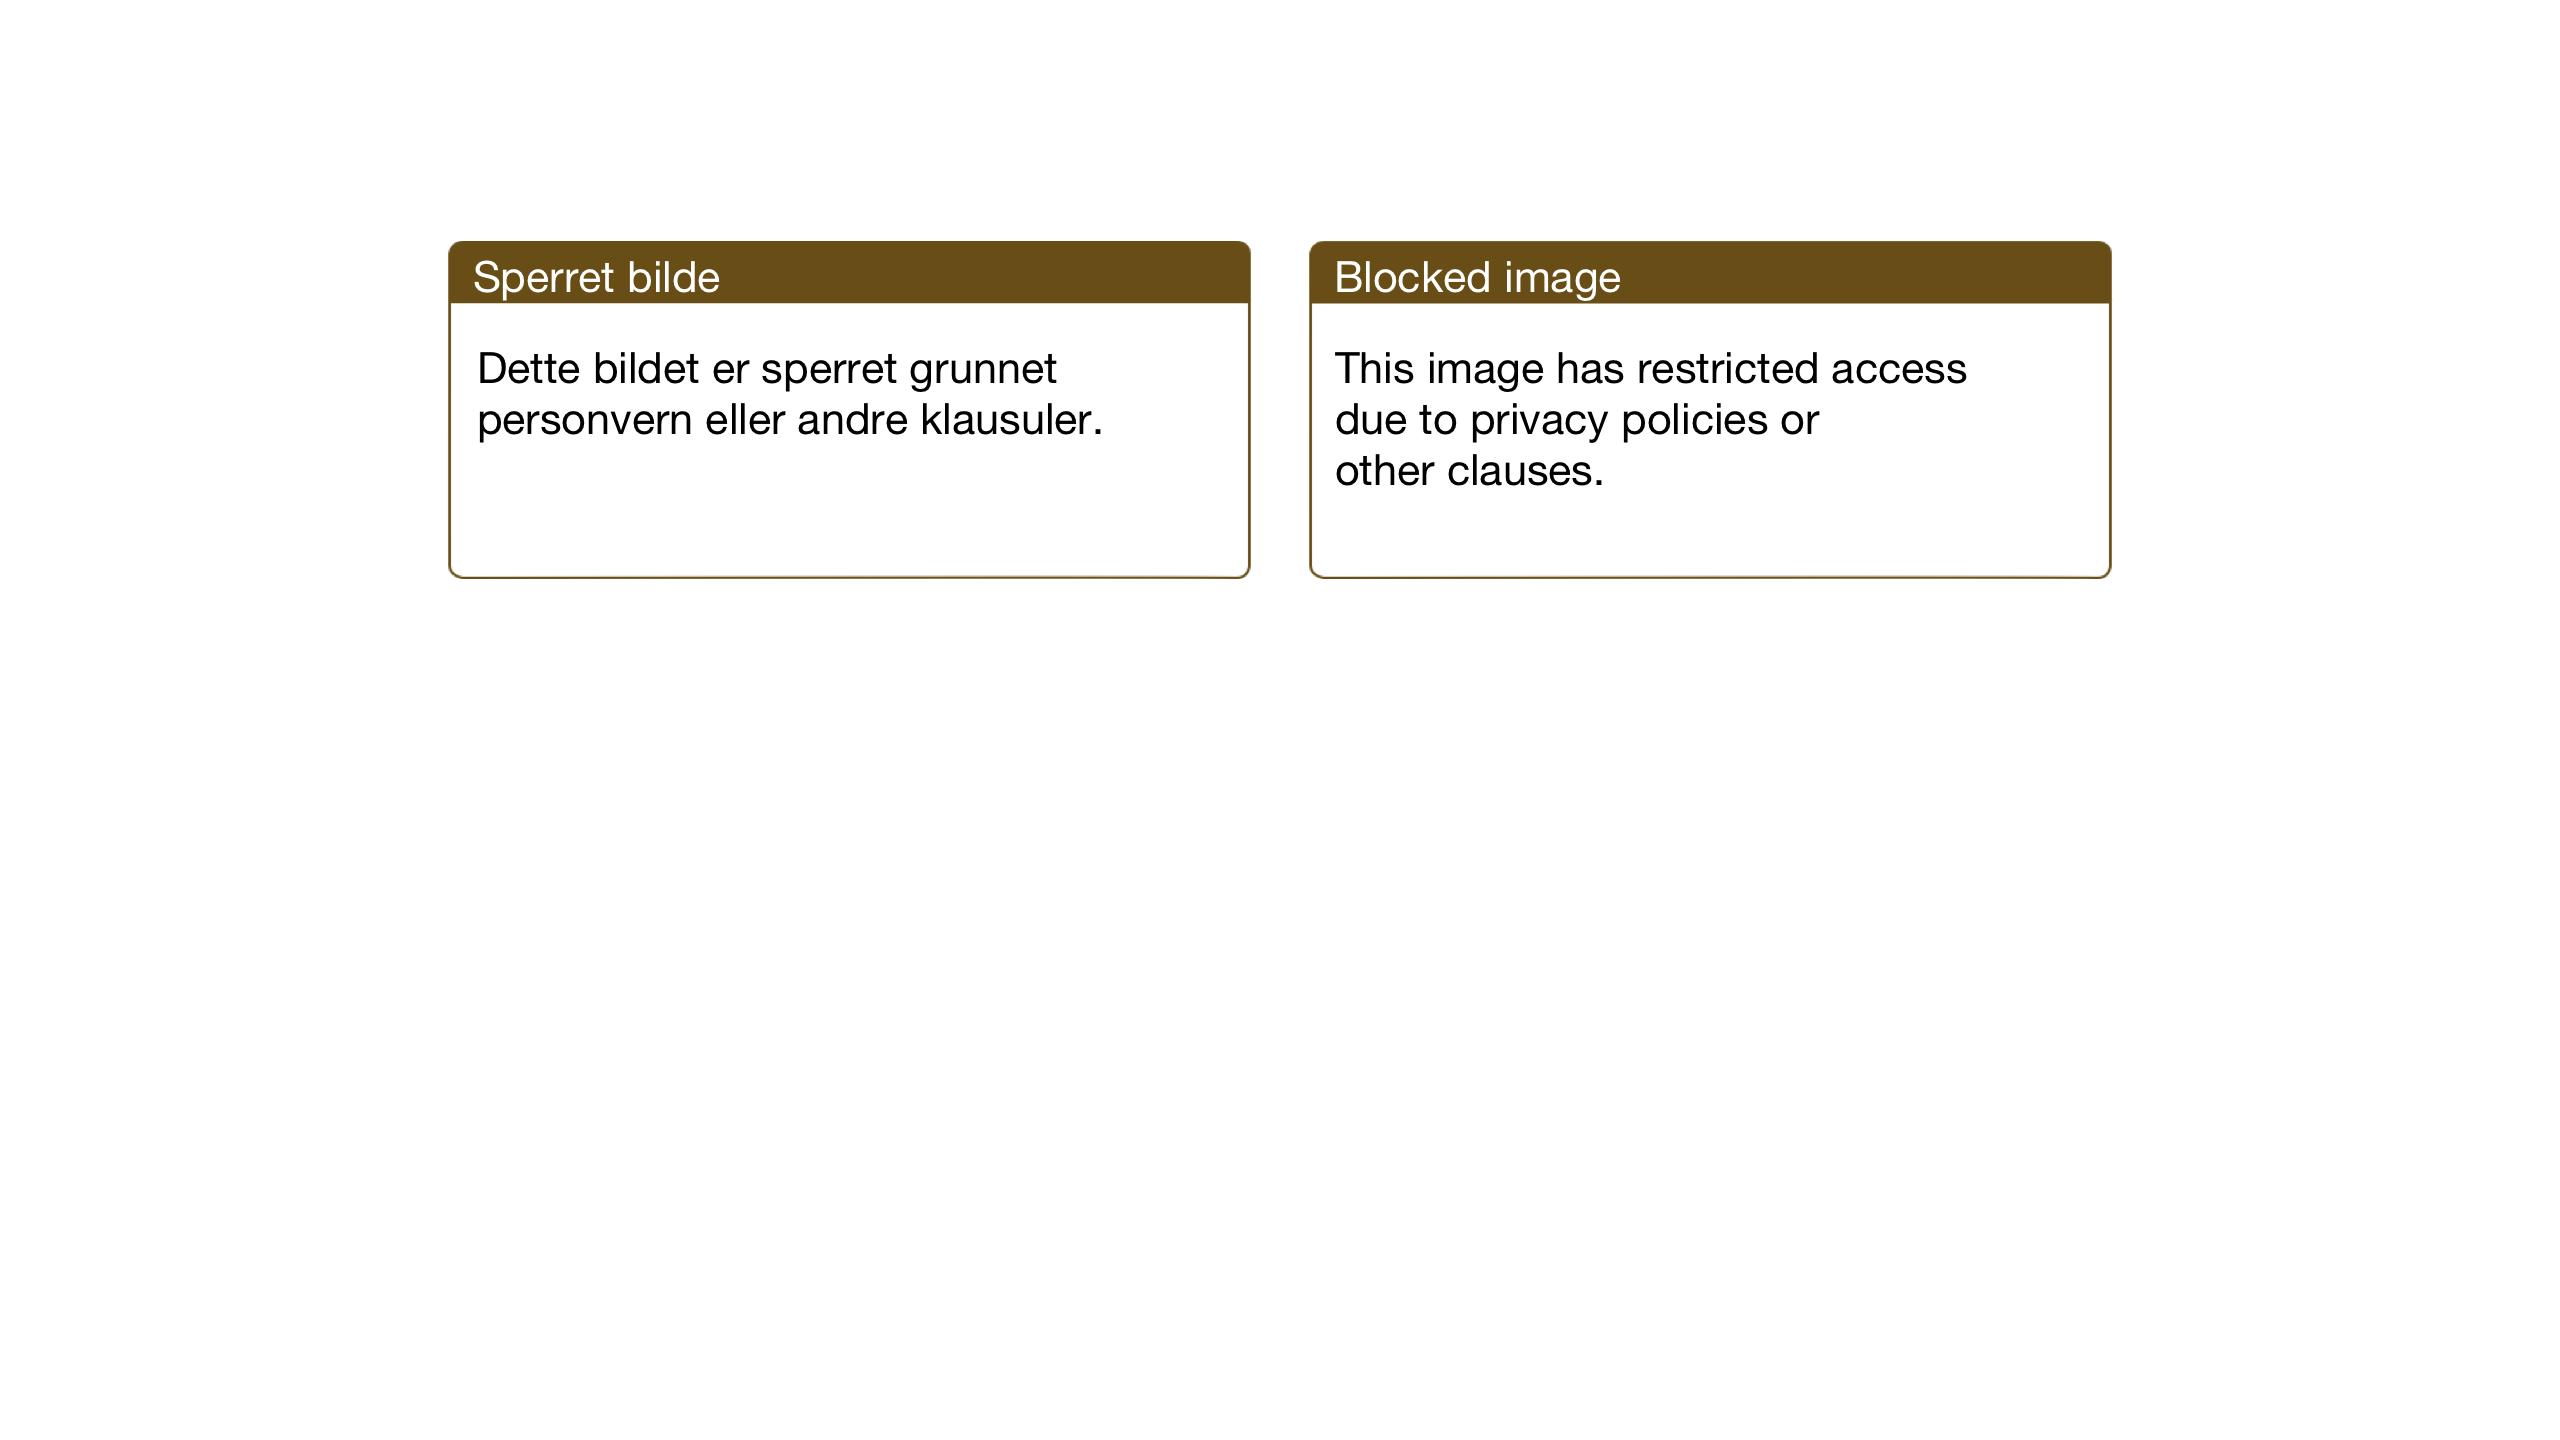 SAT, Ministerialprotokoller, klokkerbøker og fødselsregistre - Sør-Trøndelag, 651/L0648: Klokkerbok nr. 651C02, 1915-1945, s. 145